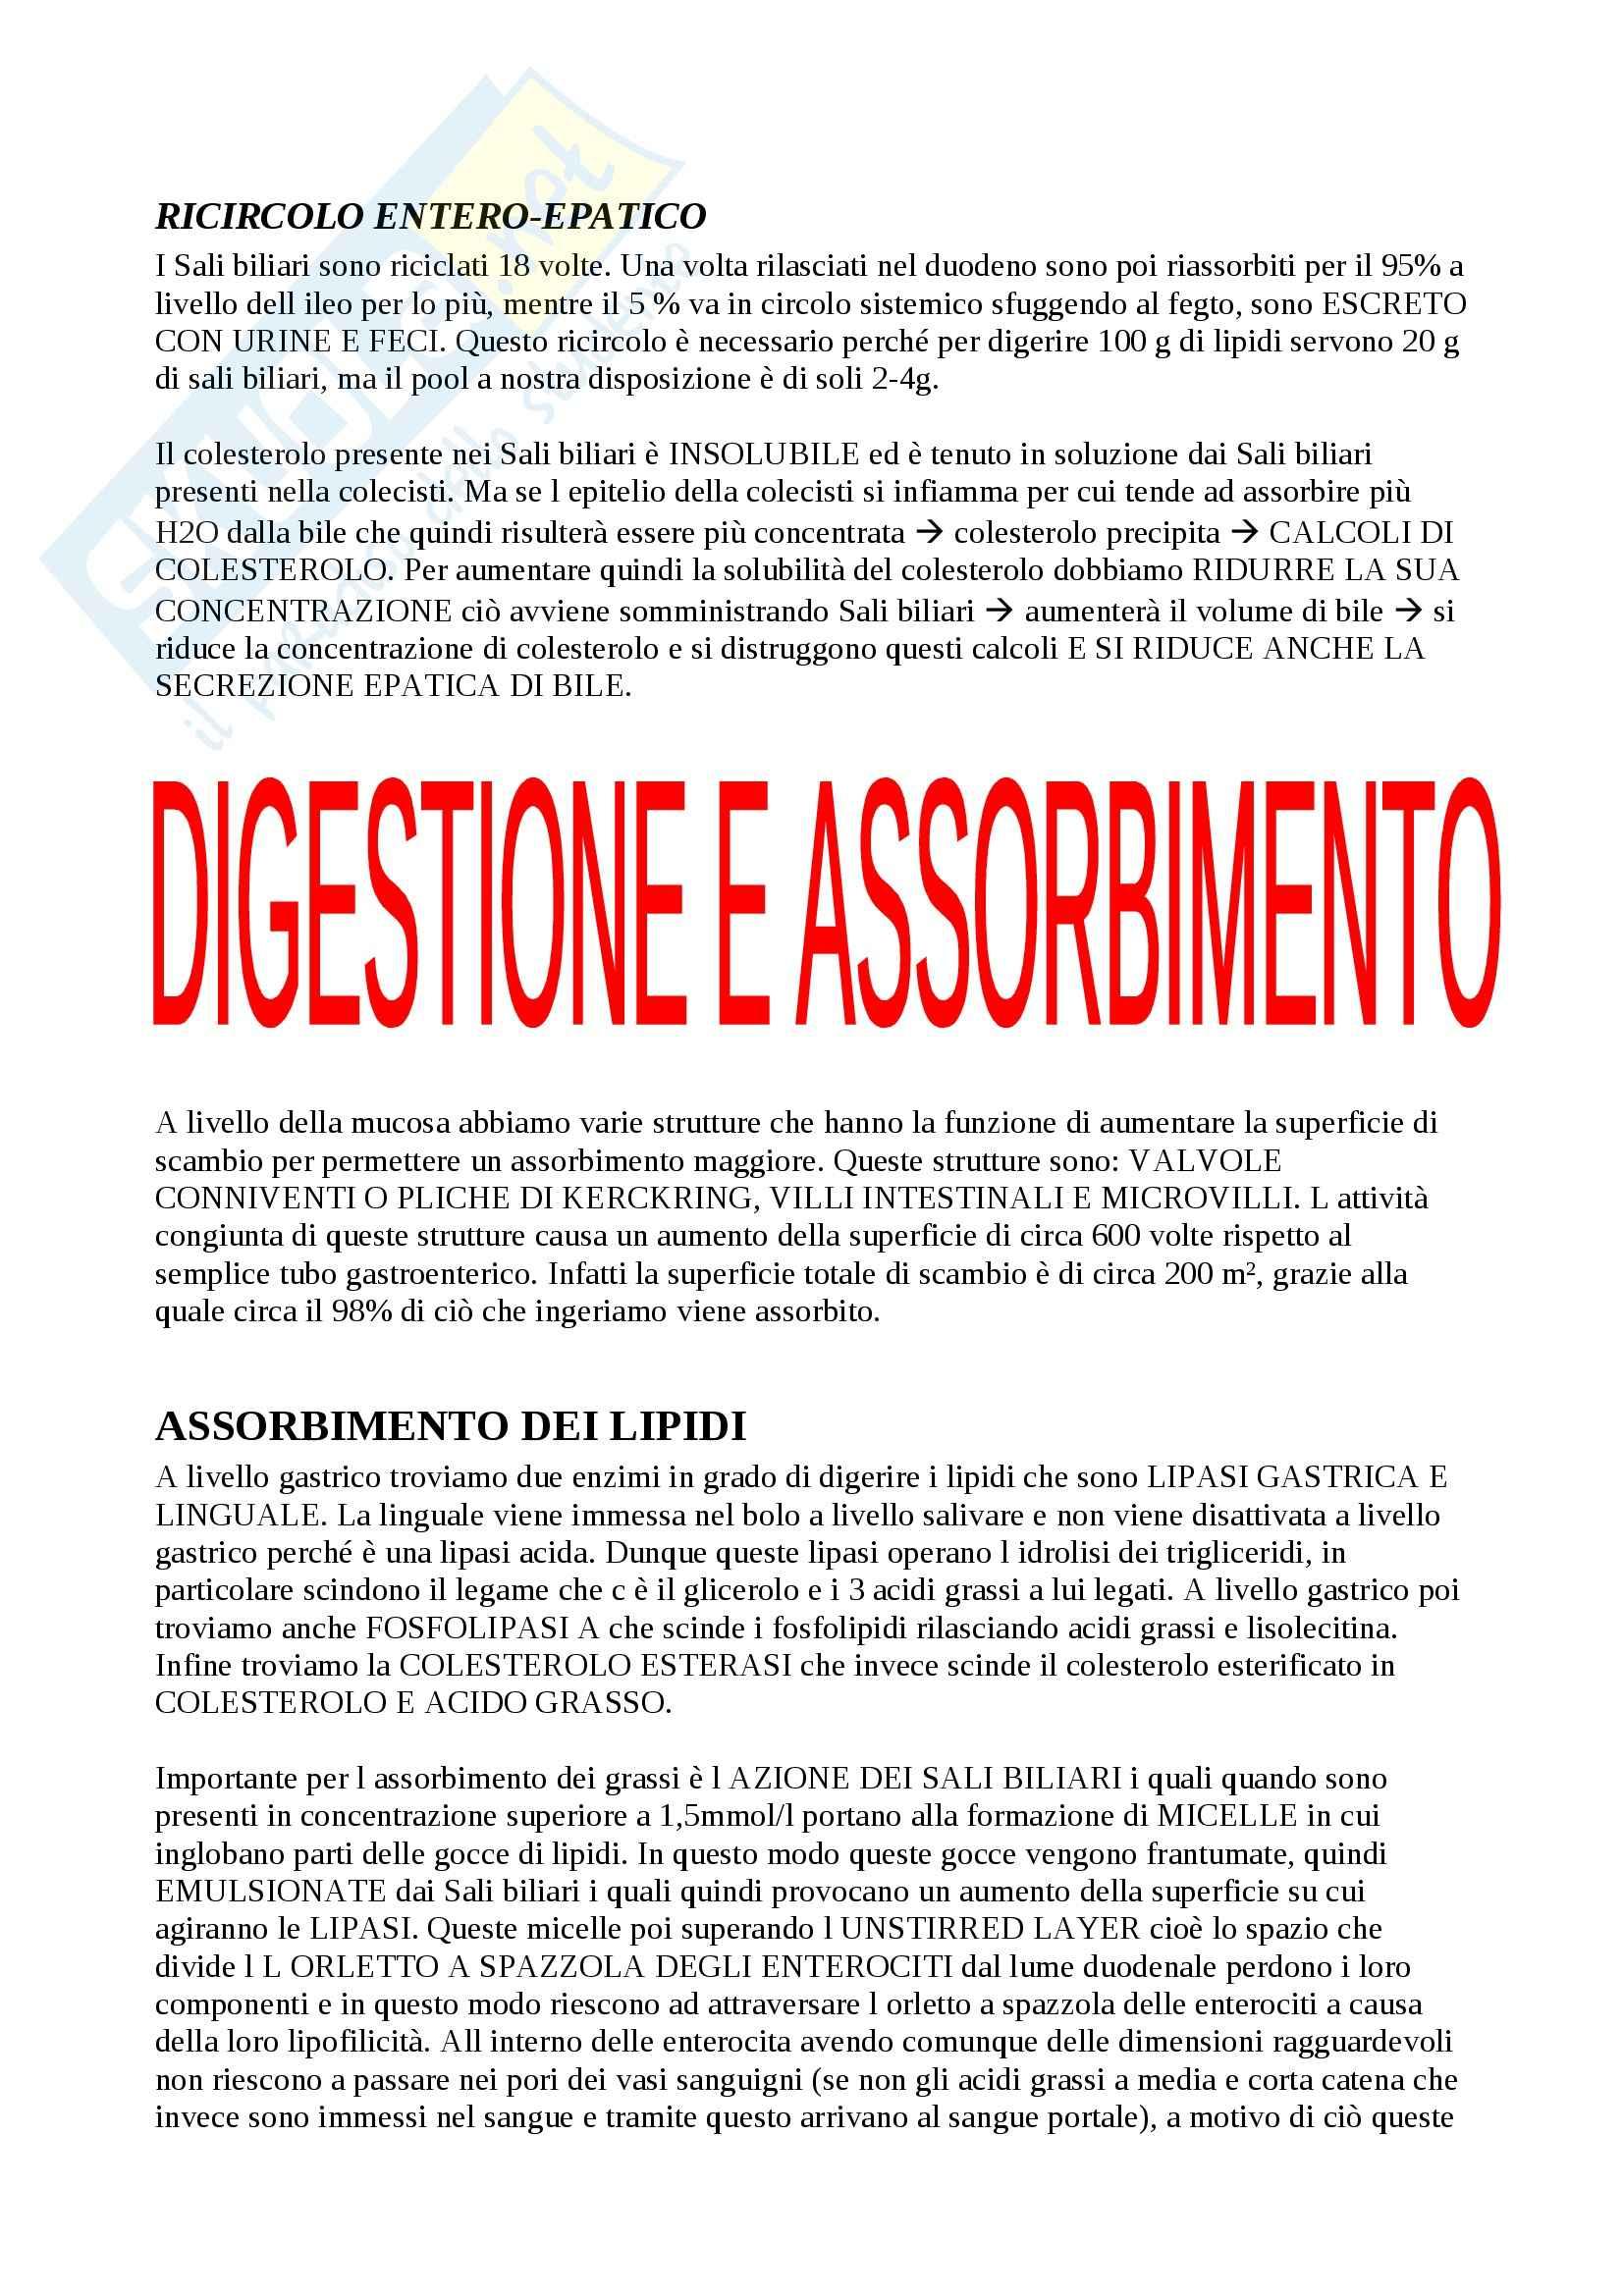 Fisiologia del sistema gastroenterico, Fisiologia Pag. 26